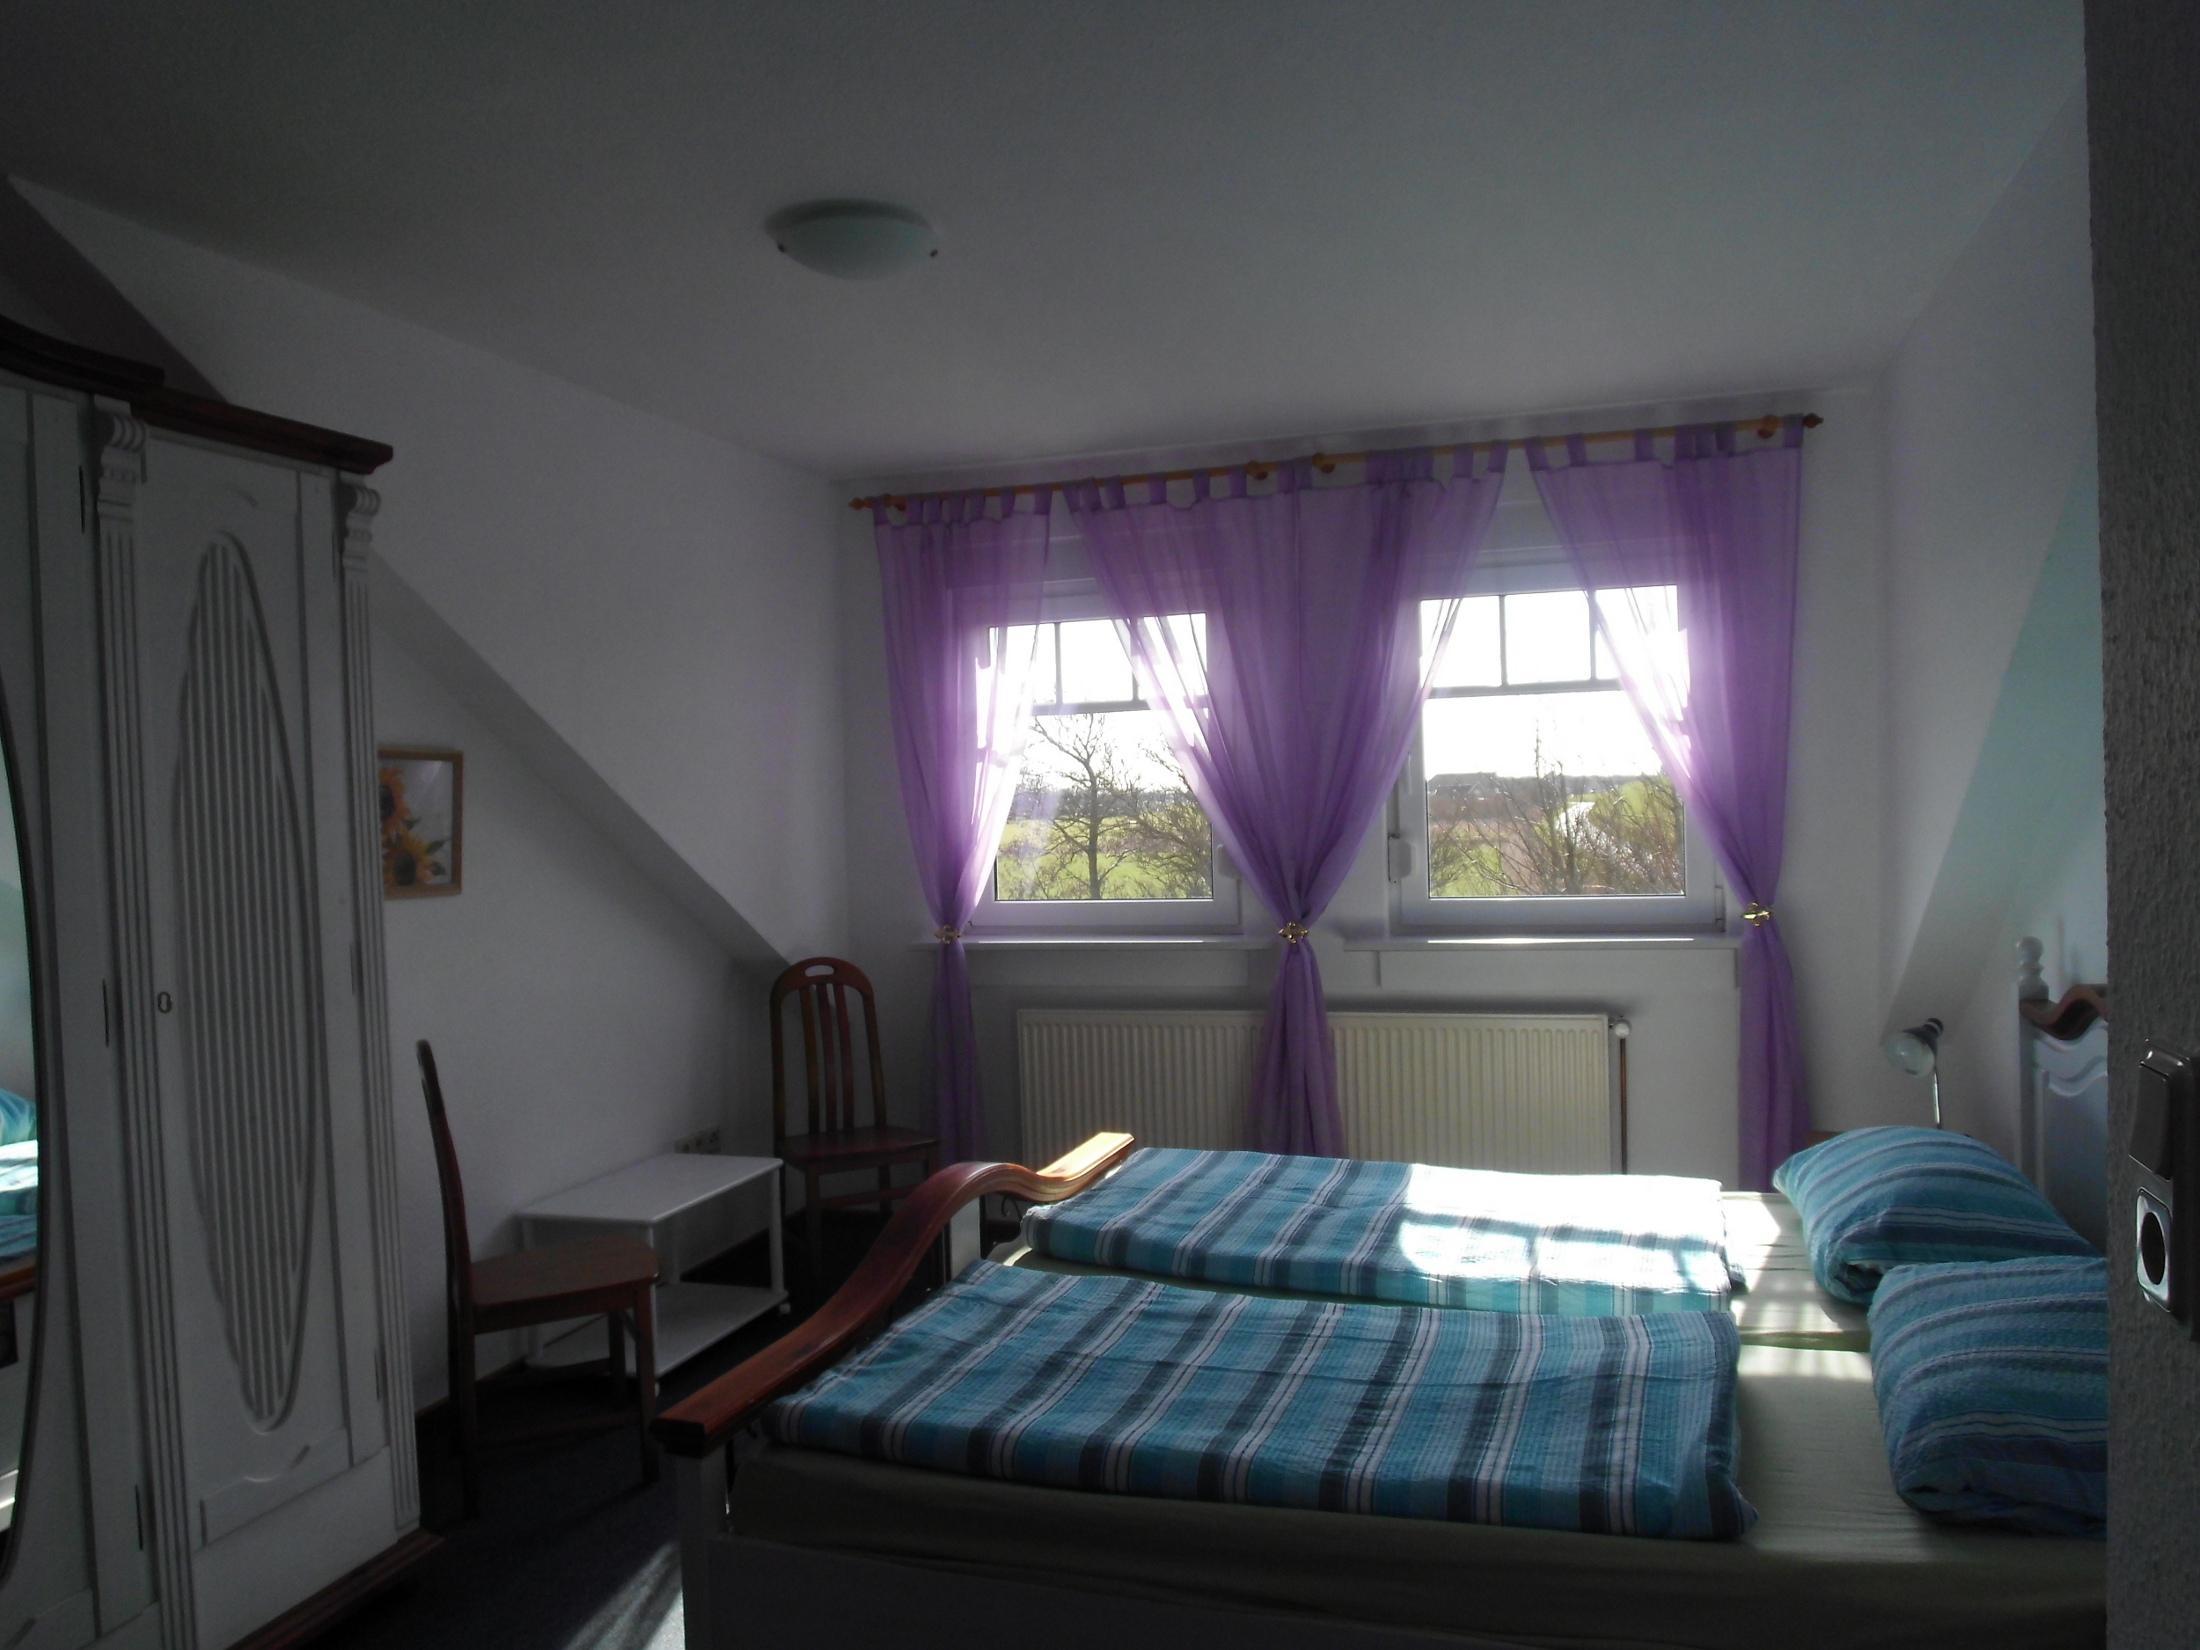 Schlafzimmer Bett ant Diek auf dem Ferienhof Baller-achtern-diek